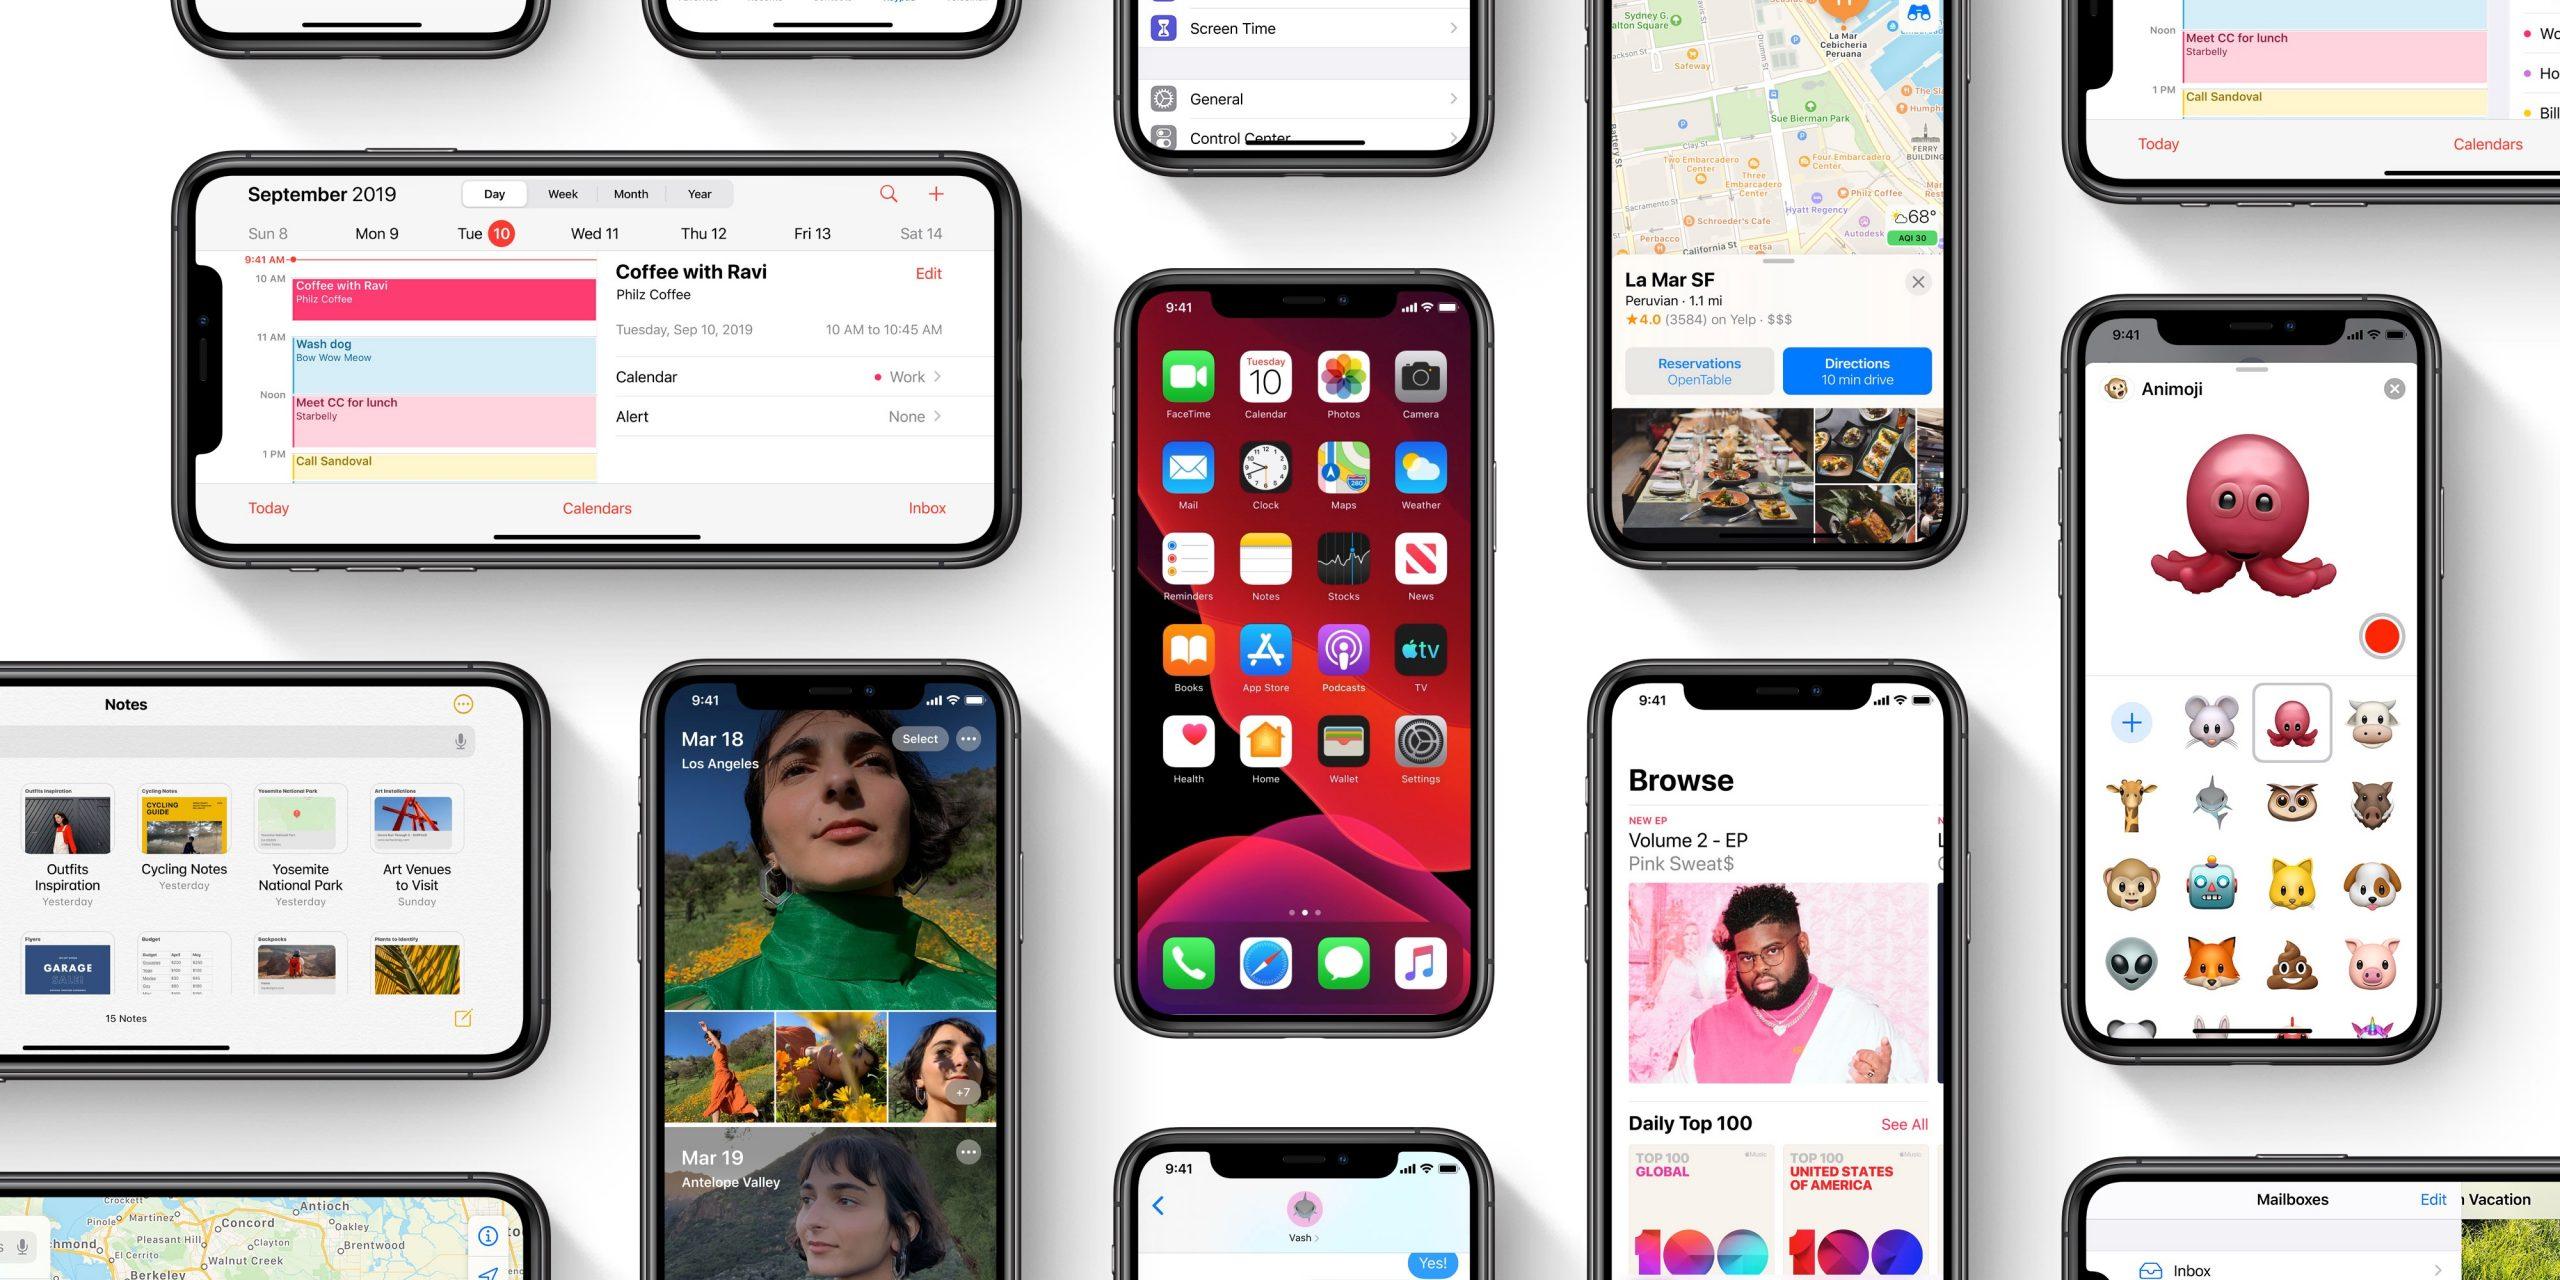 نسخههای جدید سیستم عاملهای اپل منتشر شد scaled